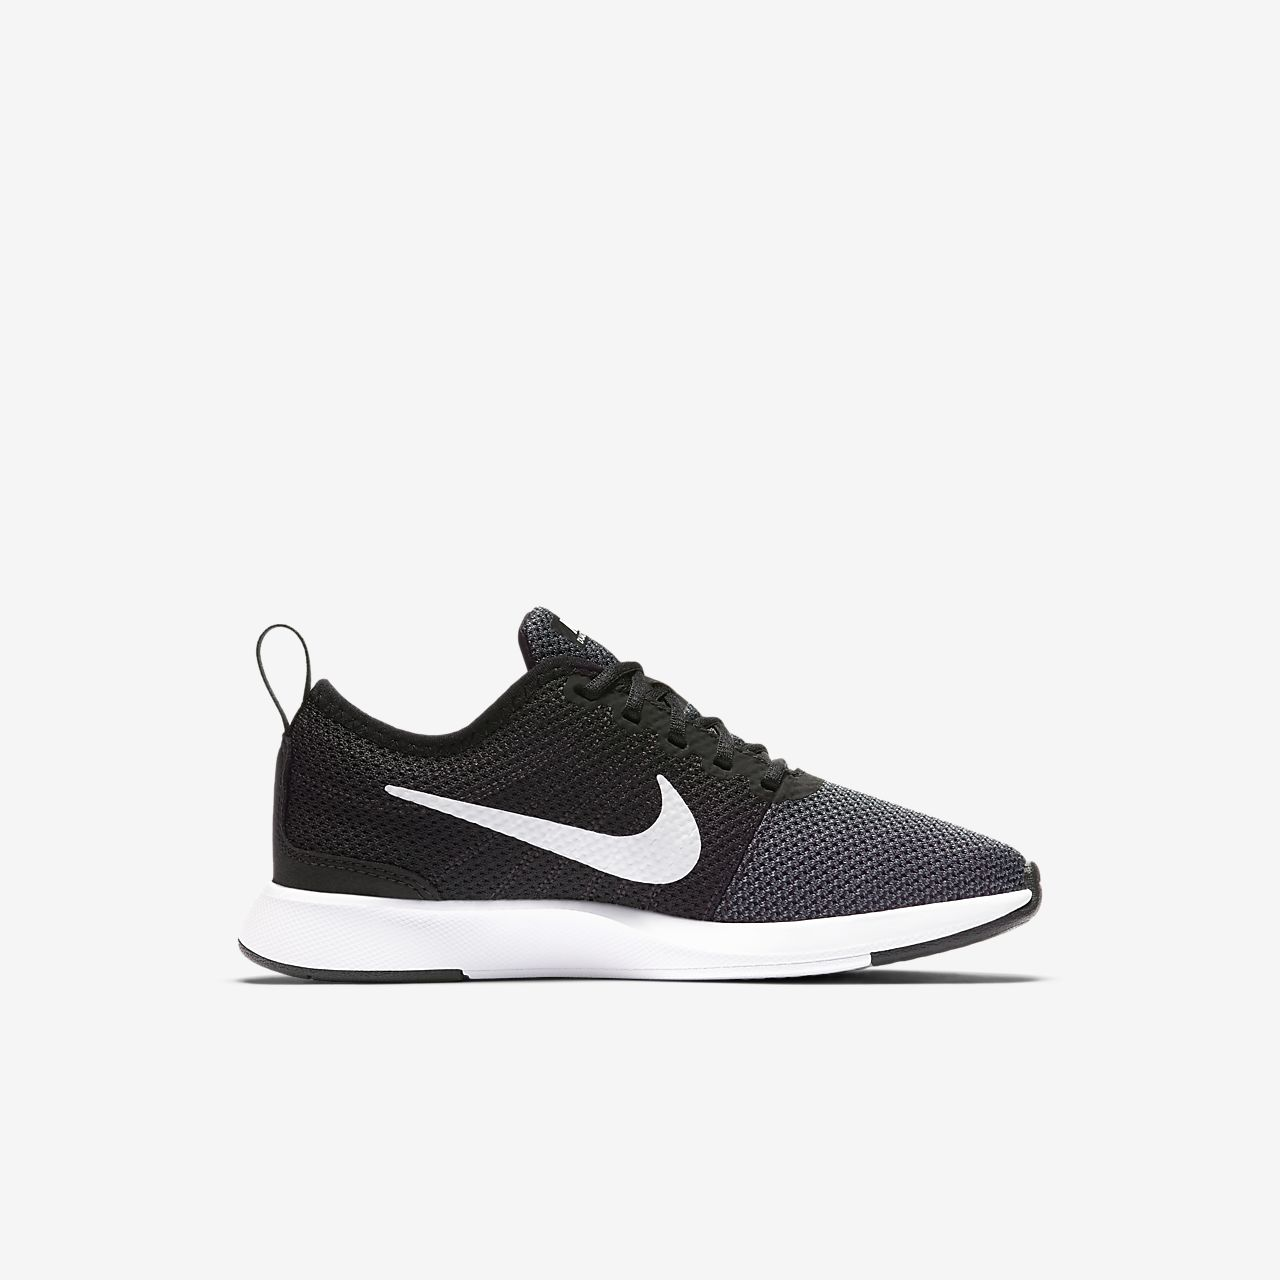 ... Nike Dualtone Racer Younger Kids' Shoe